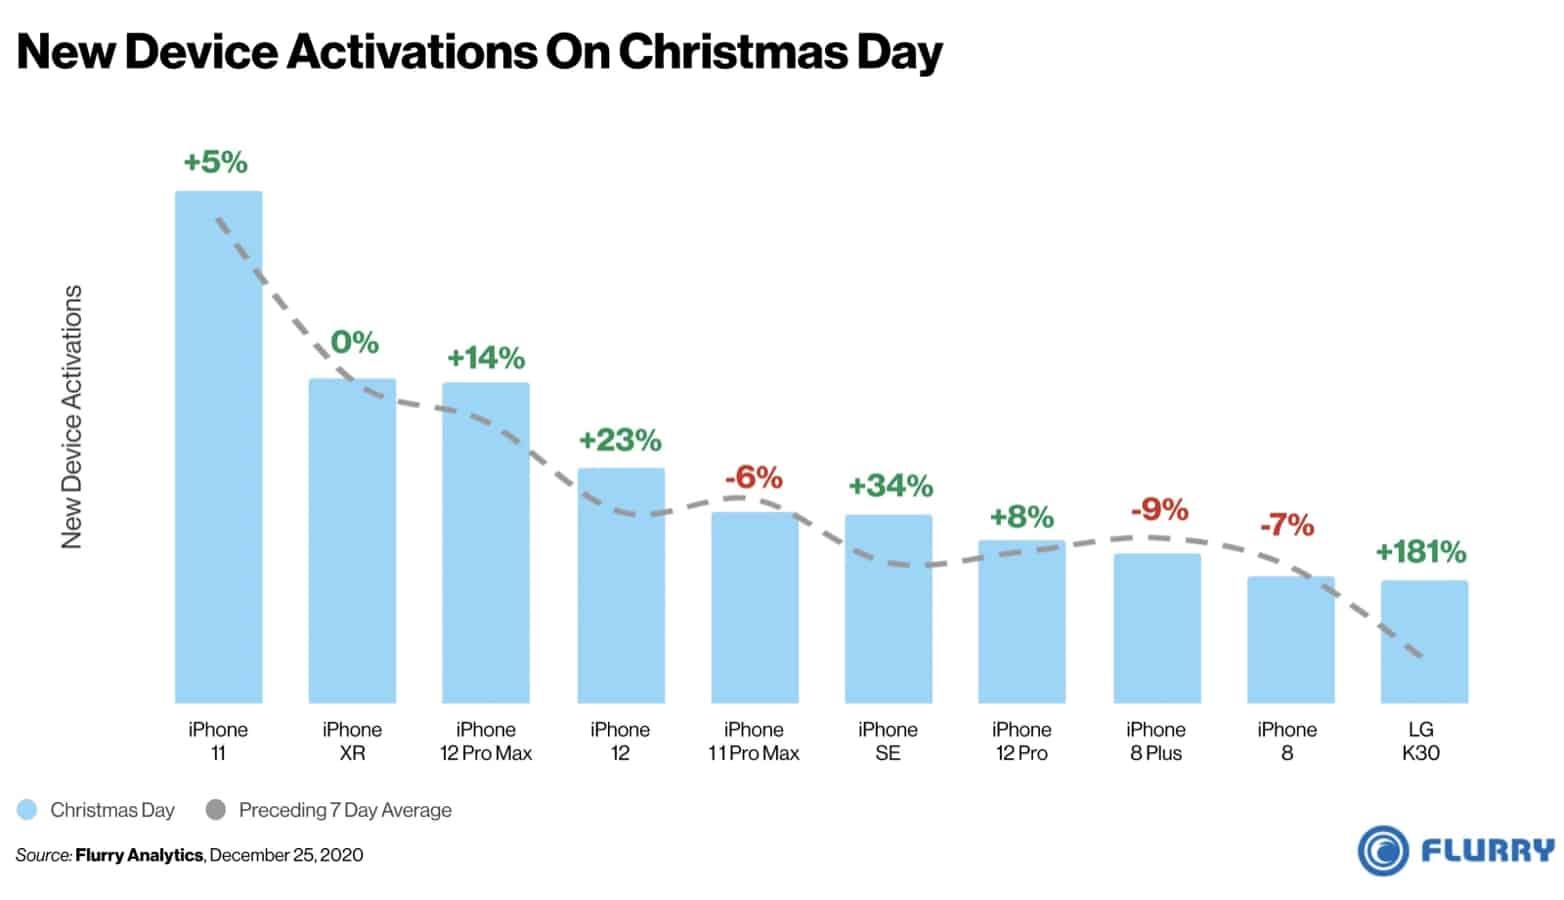 IPhone smartphones más activados en navidad